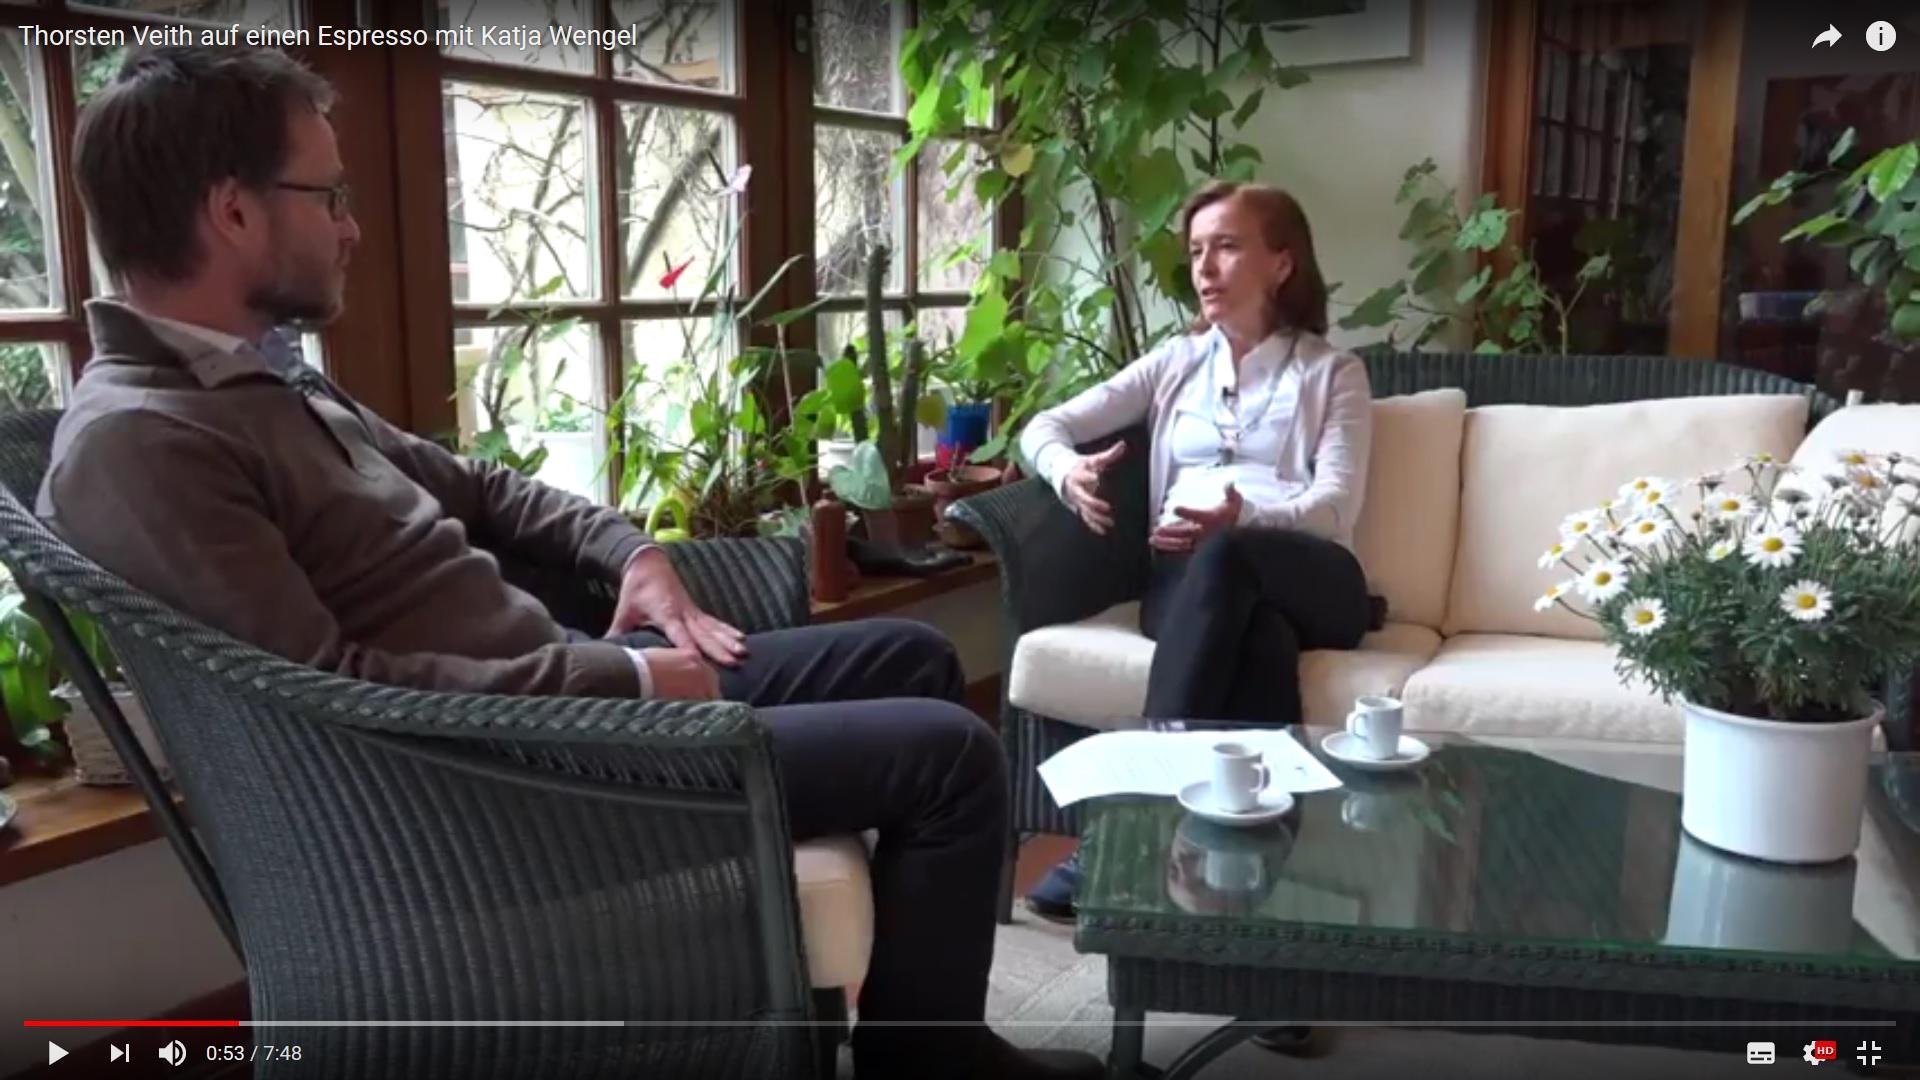 Katja Wengel und Thorsten Veith beim Espresso